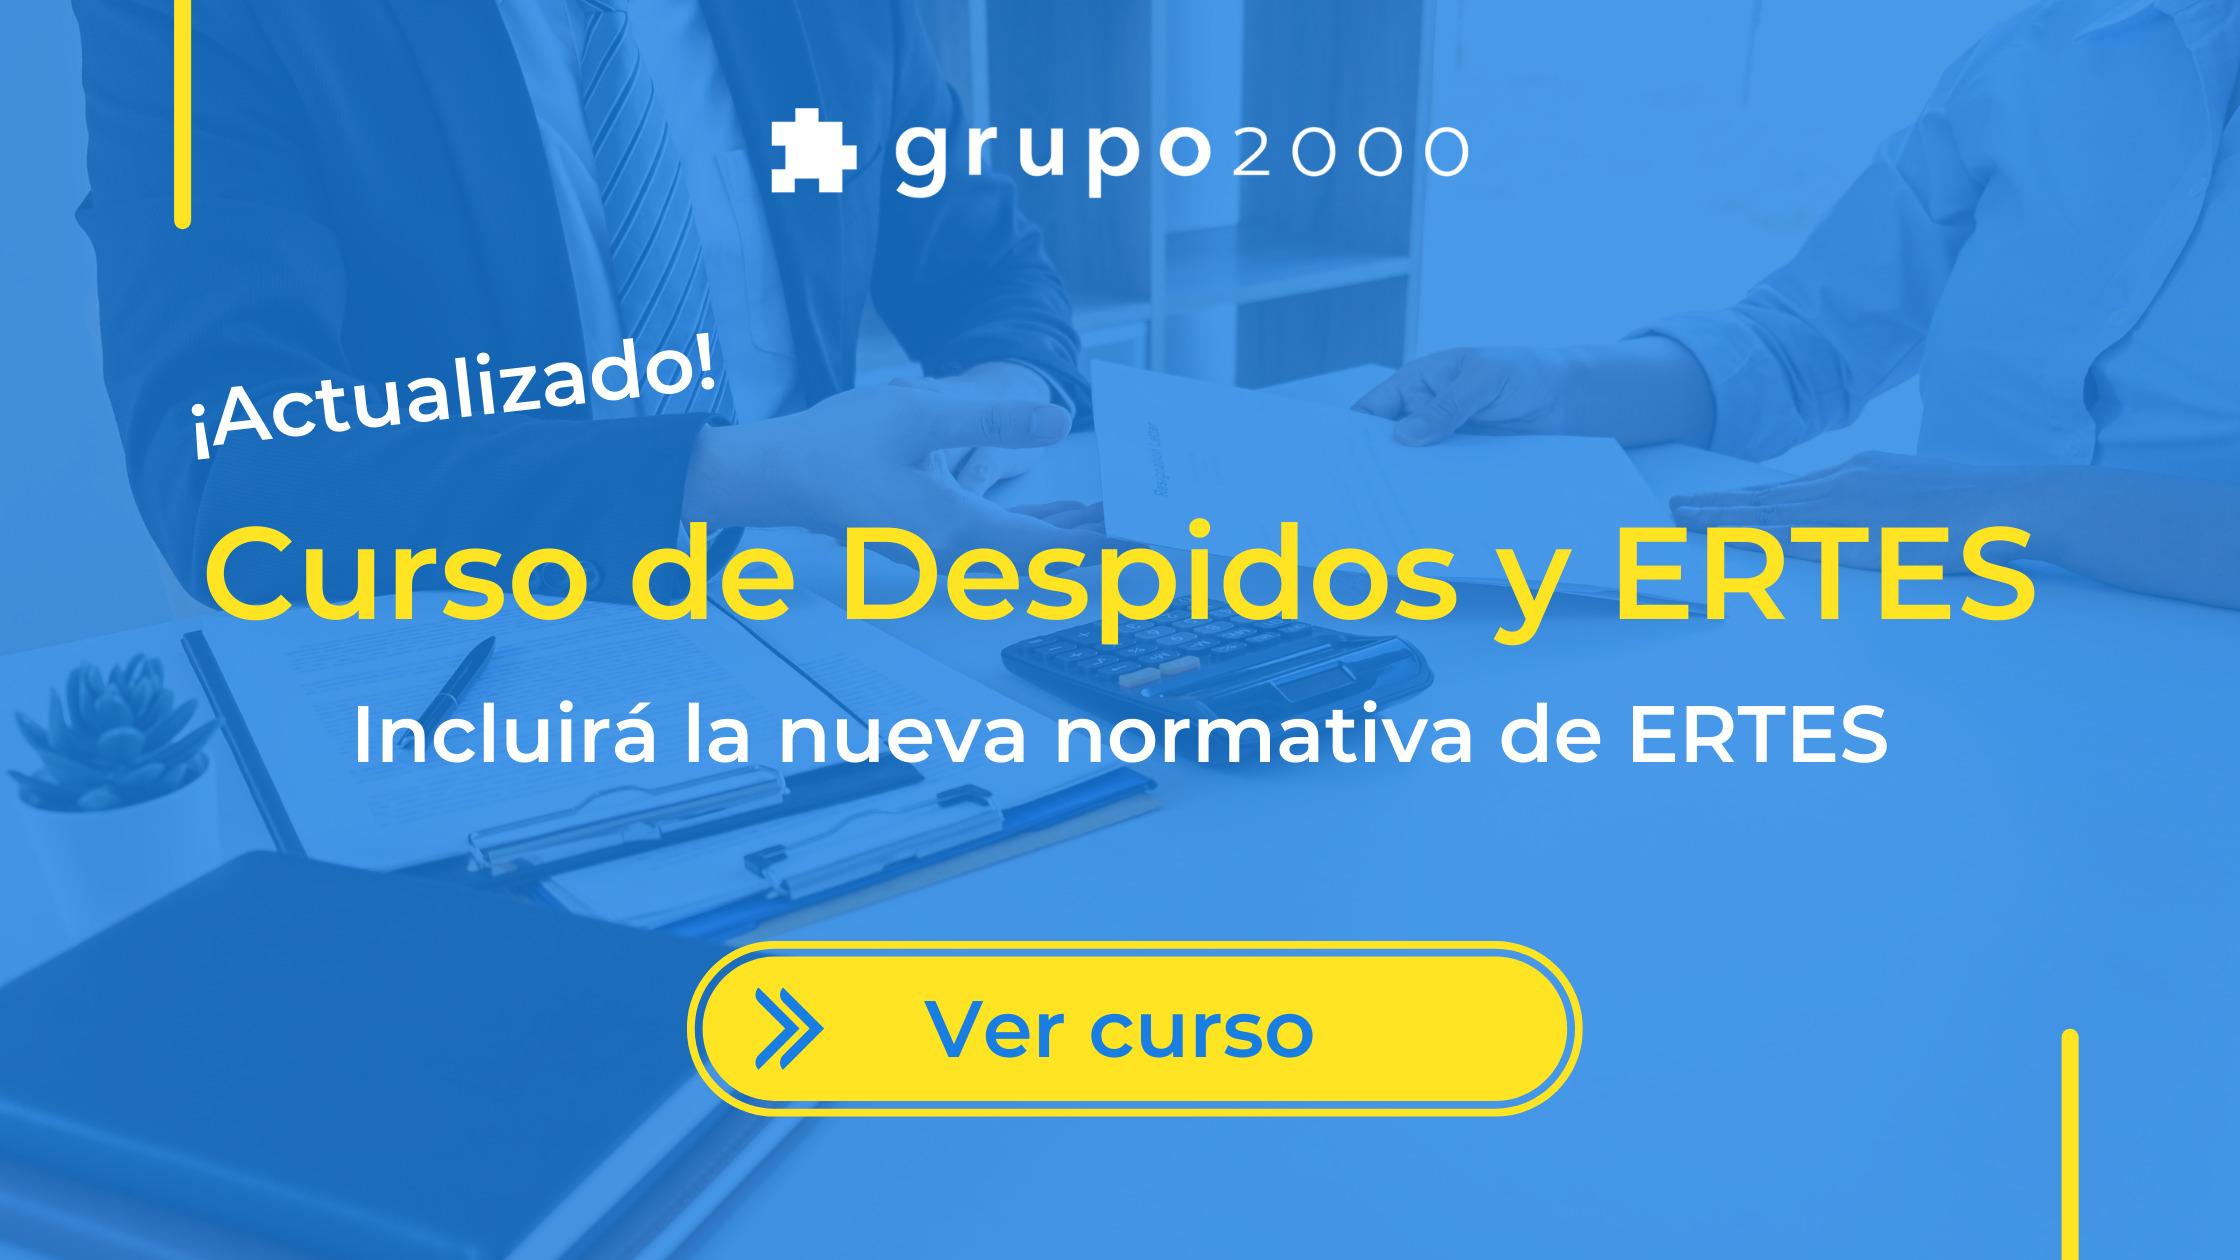 Curso de despidos y ERTES de Grupo2000